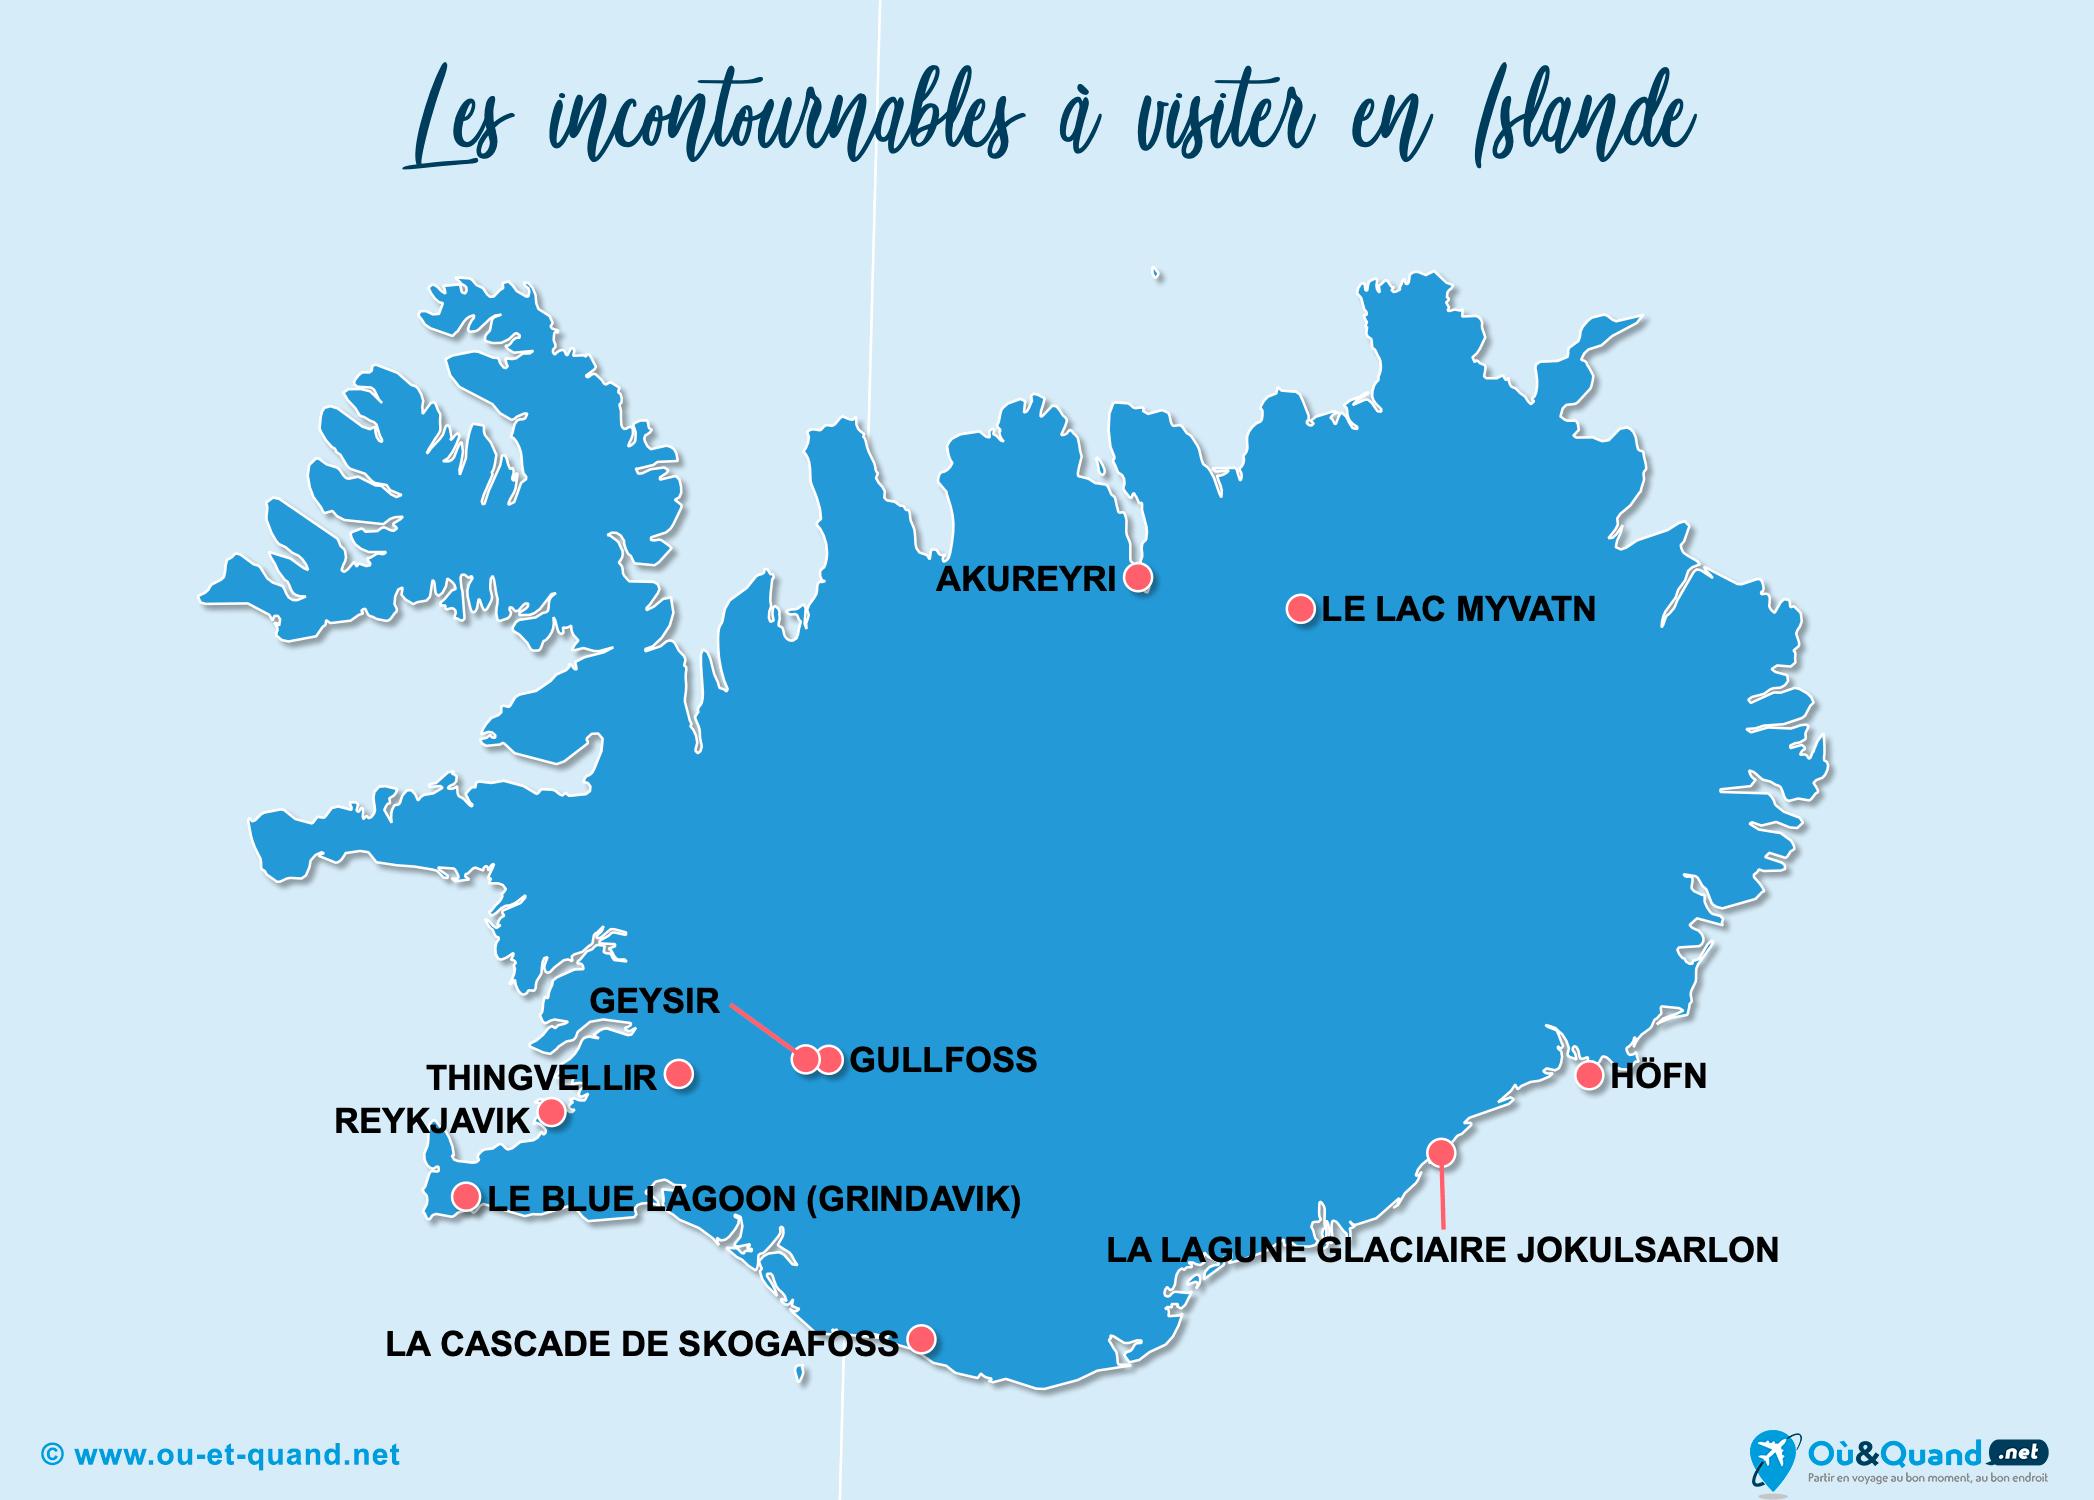 Carte Islande : Les lieux incontournables en Islande